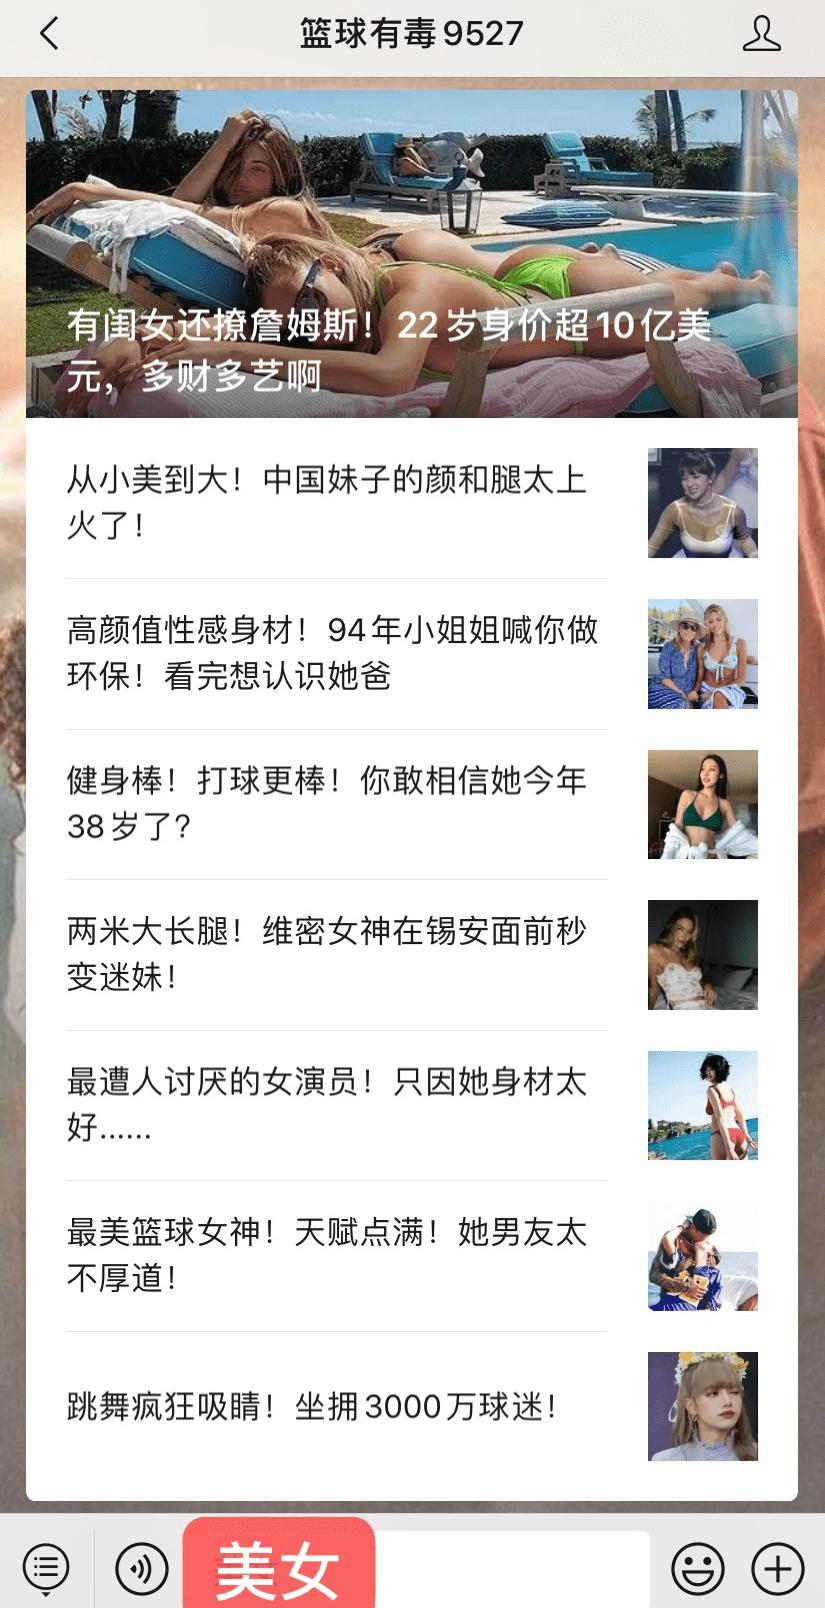 重磅!CBA重启时间已定!也传出坏消息!中国第一控卫将要退役